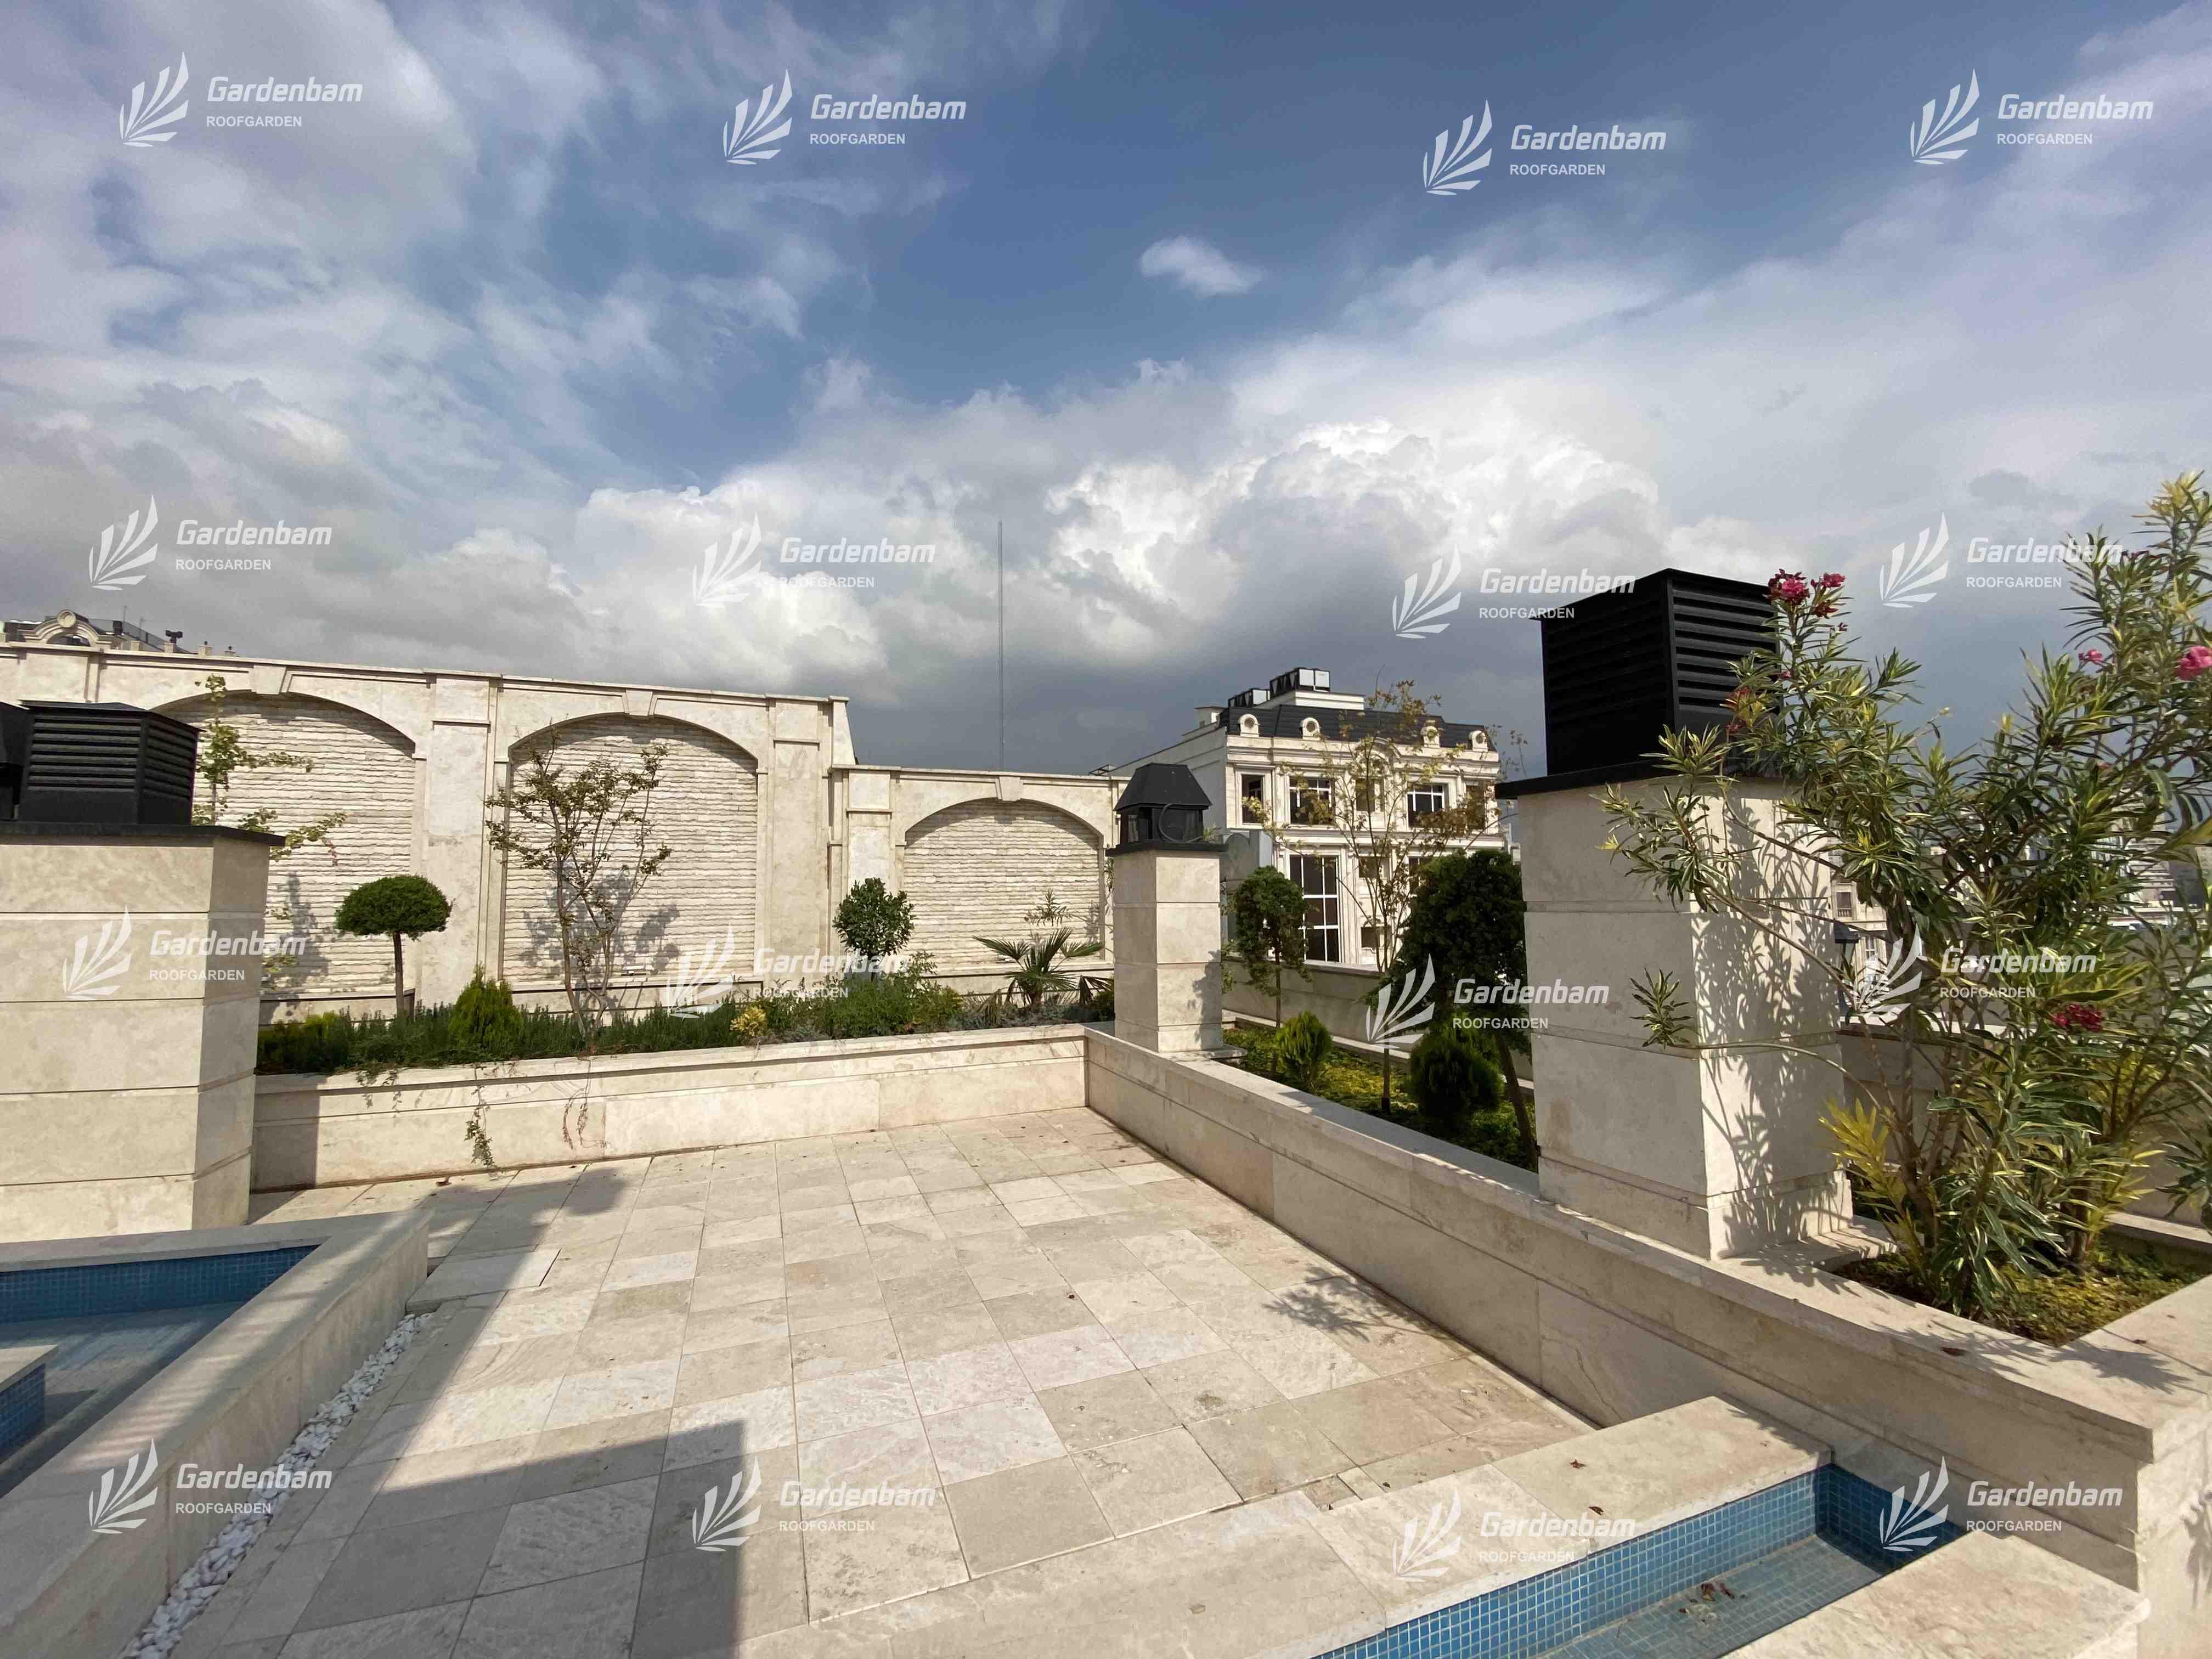 طراحی و اجرای روف گاردن| بام سبز شرکت گاردن بام- پروژه سعادت آباد